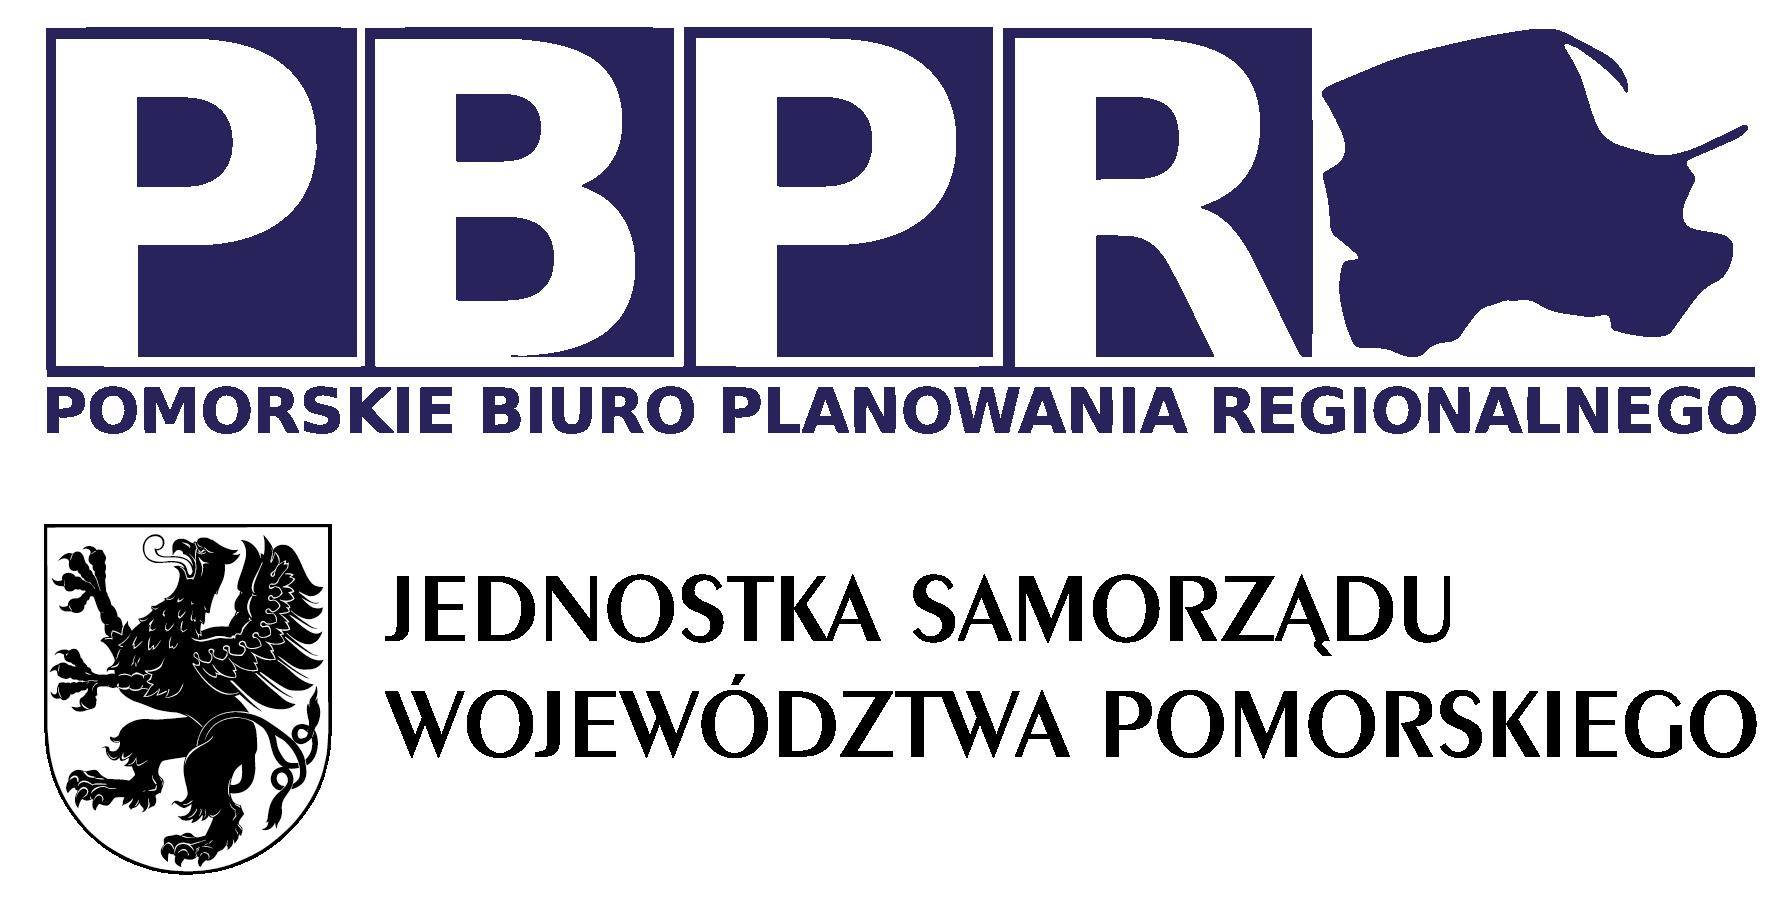 Oferta pracy w PBPR nr 4/2019 z dnia 25 listopada 2019 r.